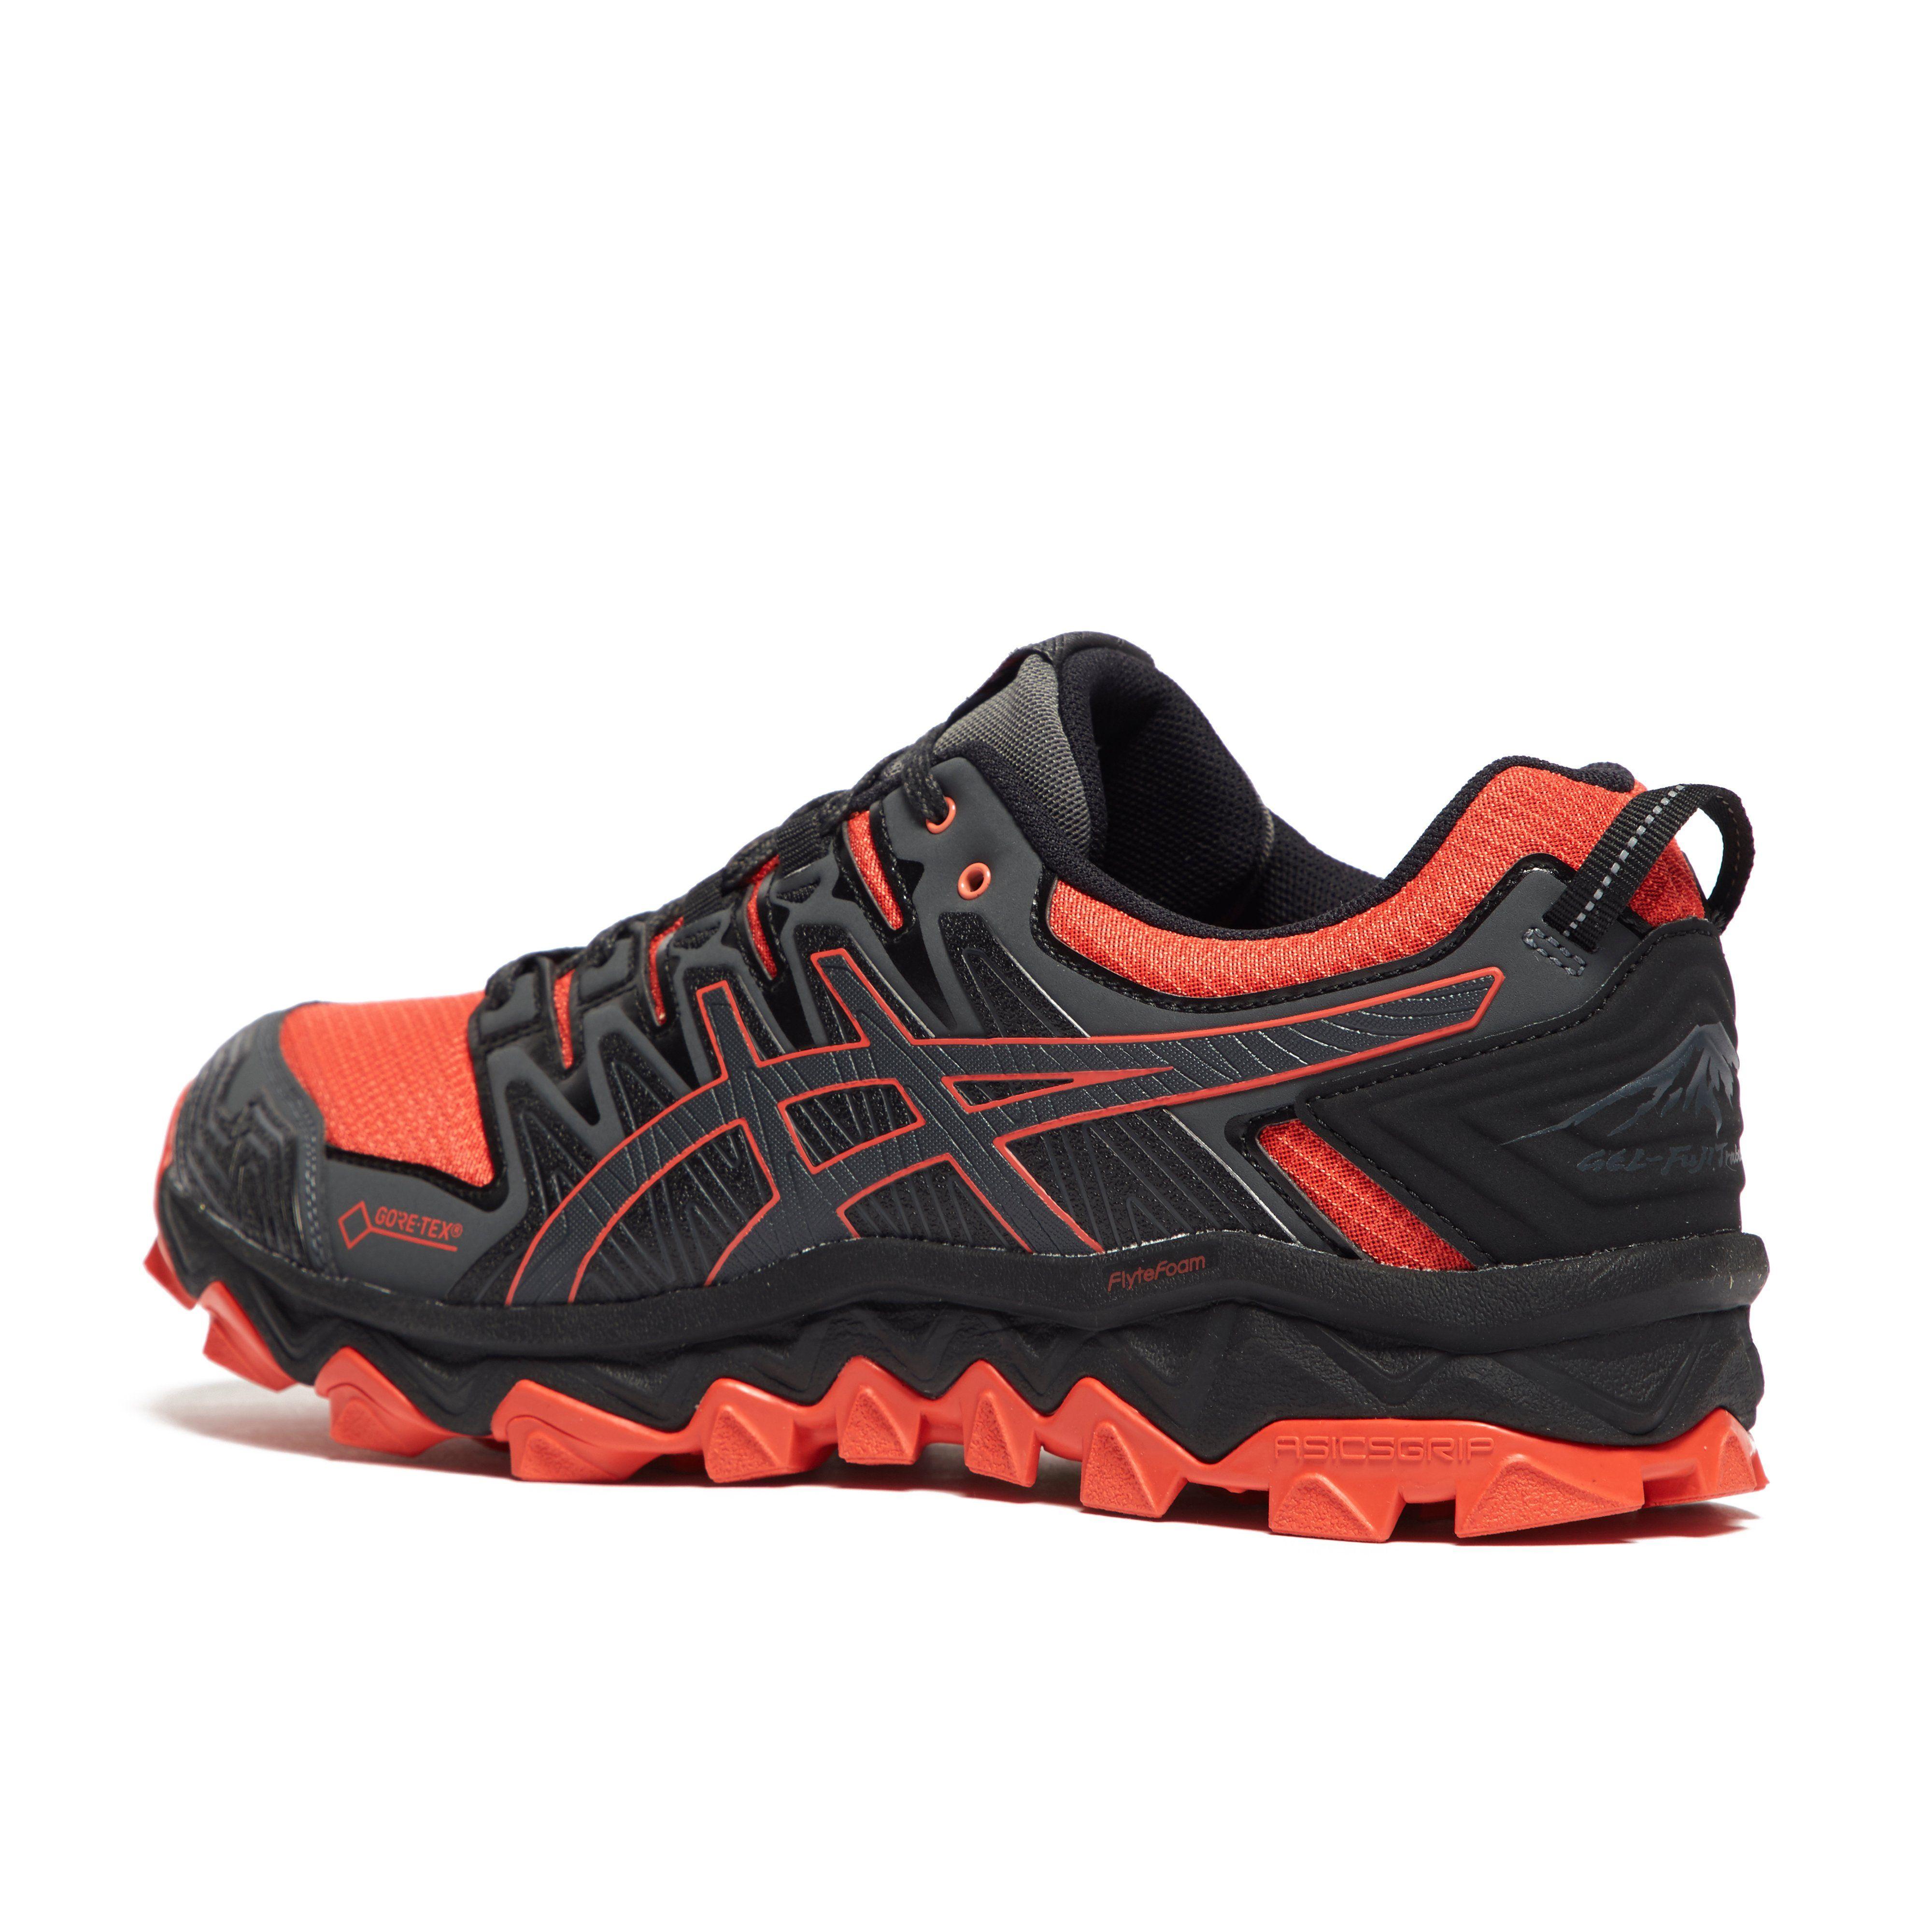 ASICS Gel-Fujitrabuco 7 GTX Men's Trail Running Shoes